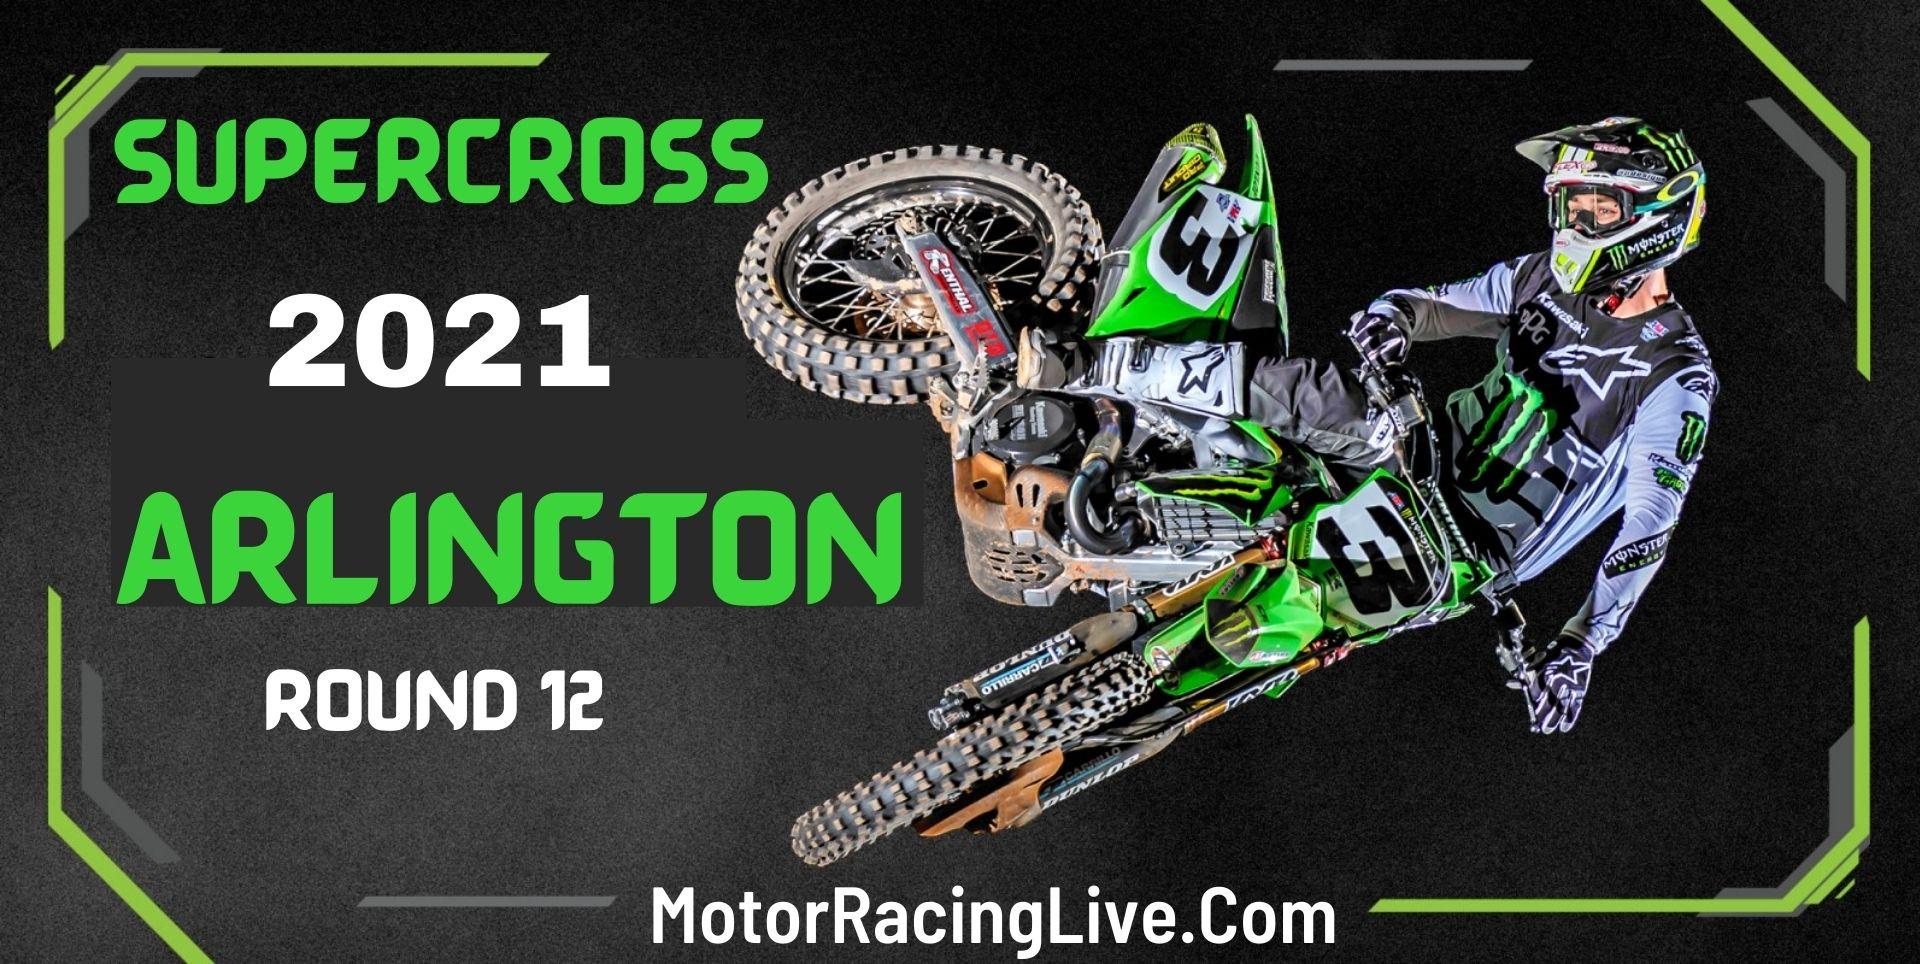 Supercross Arlington Round 12 Live Stream 20-Mar 2021